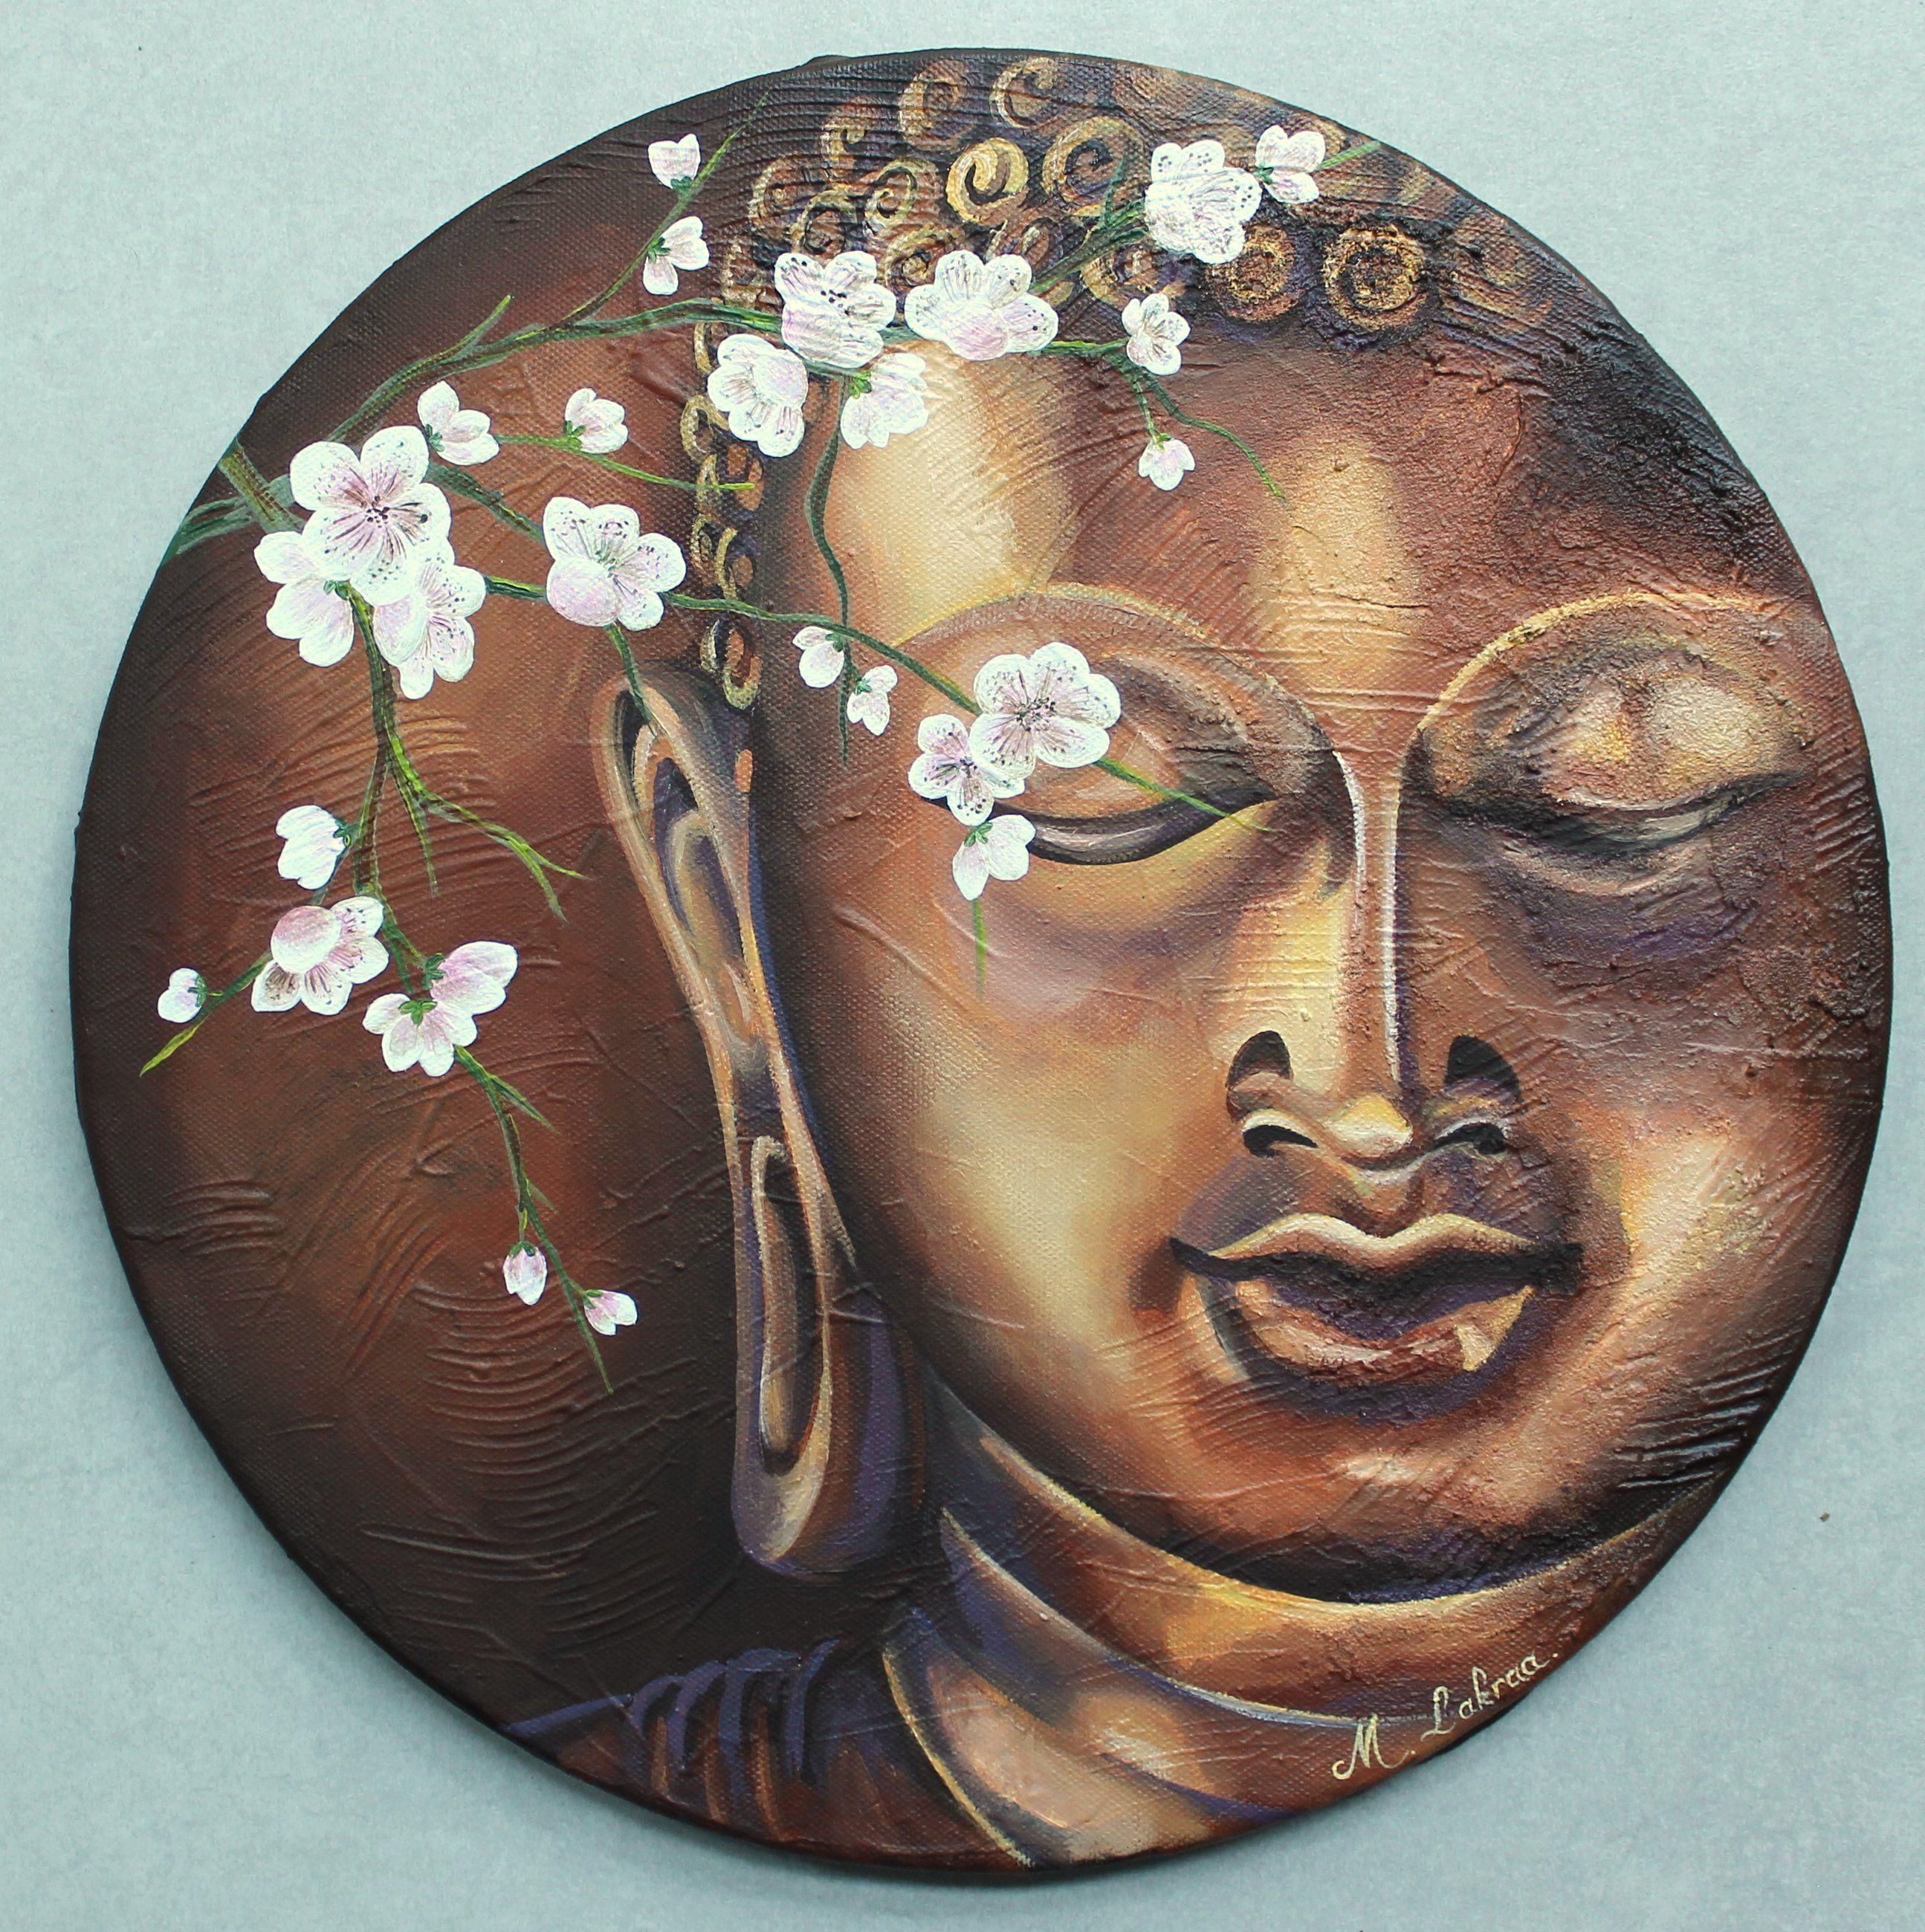 Bouddha et fleurs de cerisier commande peinture for Peinture acrylique